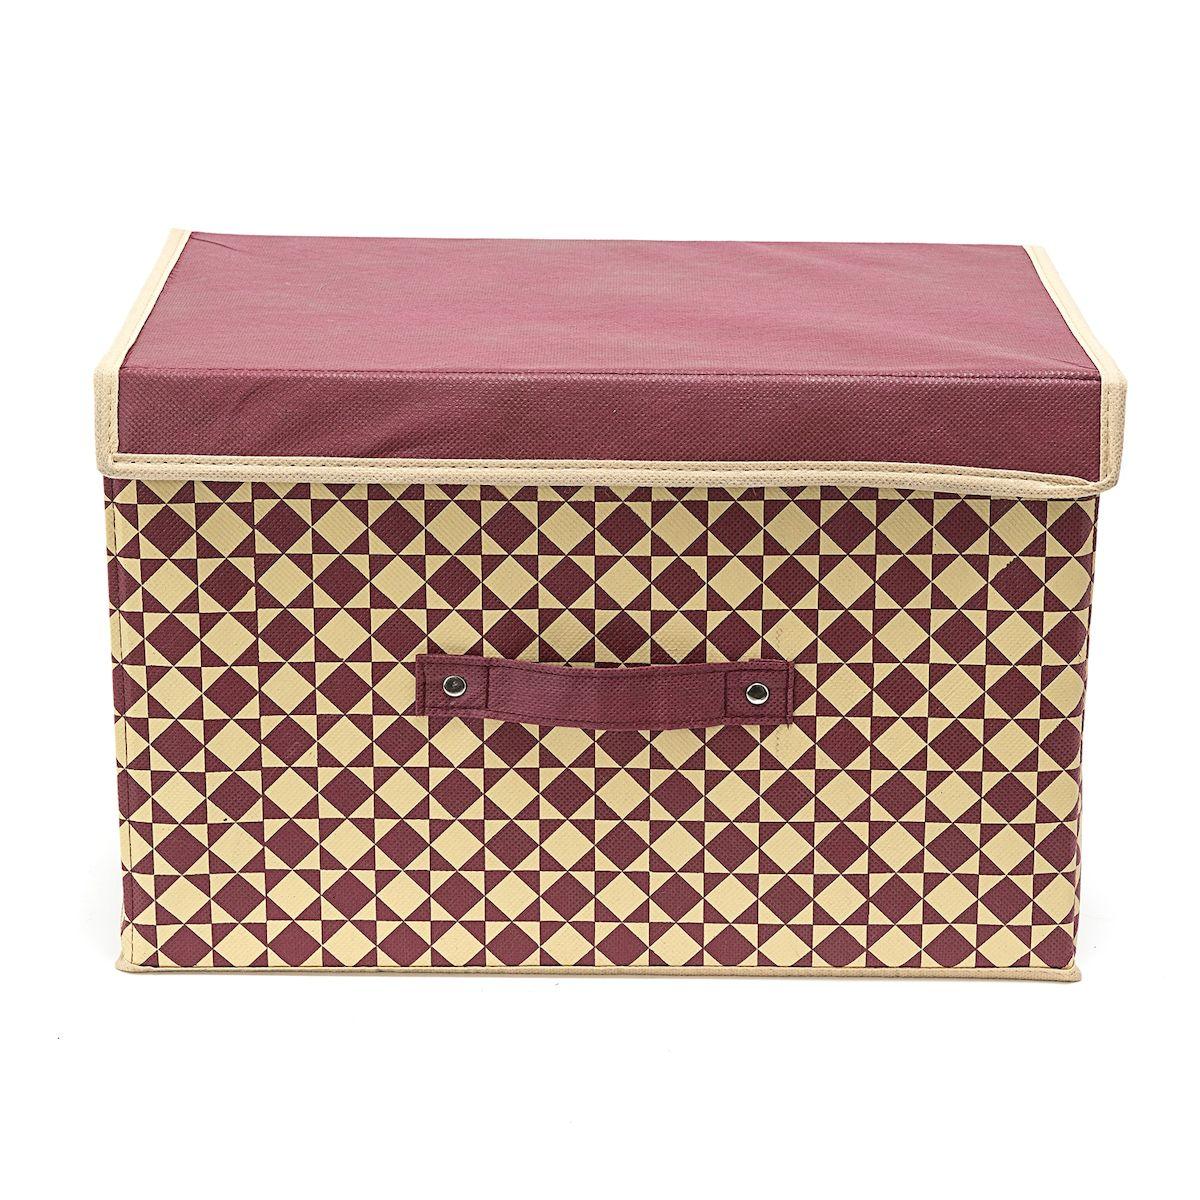 Коробка для хранения Homsu Bordo, 38 х 25 х 25 смHOM-396Вместительная коробка для хранения Homsu Bordo выполнена из плотного картона. Изделие обладает удобным размером и привлекательным дизайном, выполненным в приятной цветовой гамме. Внутри коробки можно хранить фотографии, ткани, принадлежности для хобби, памятные сувениры и многое другое. Крышка изделия удобно открывается и закрывается. Коробка для хранения Homsu Bordo станет незаменимой помощницей в путешествиях.